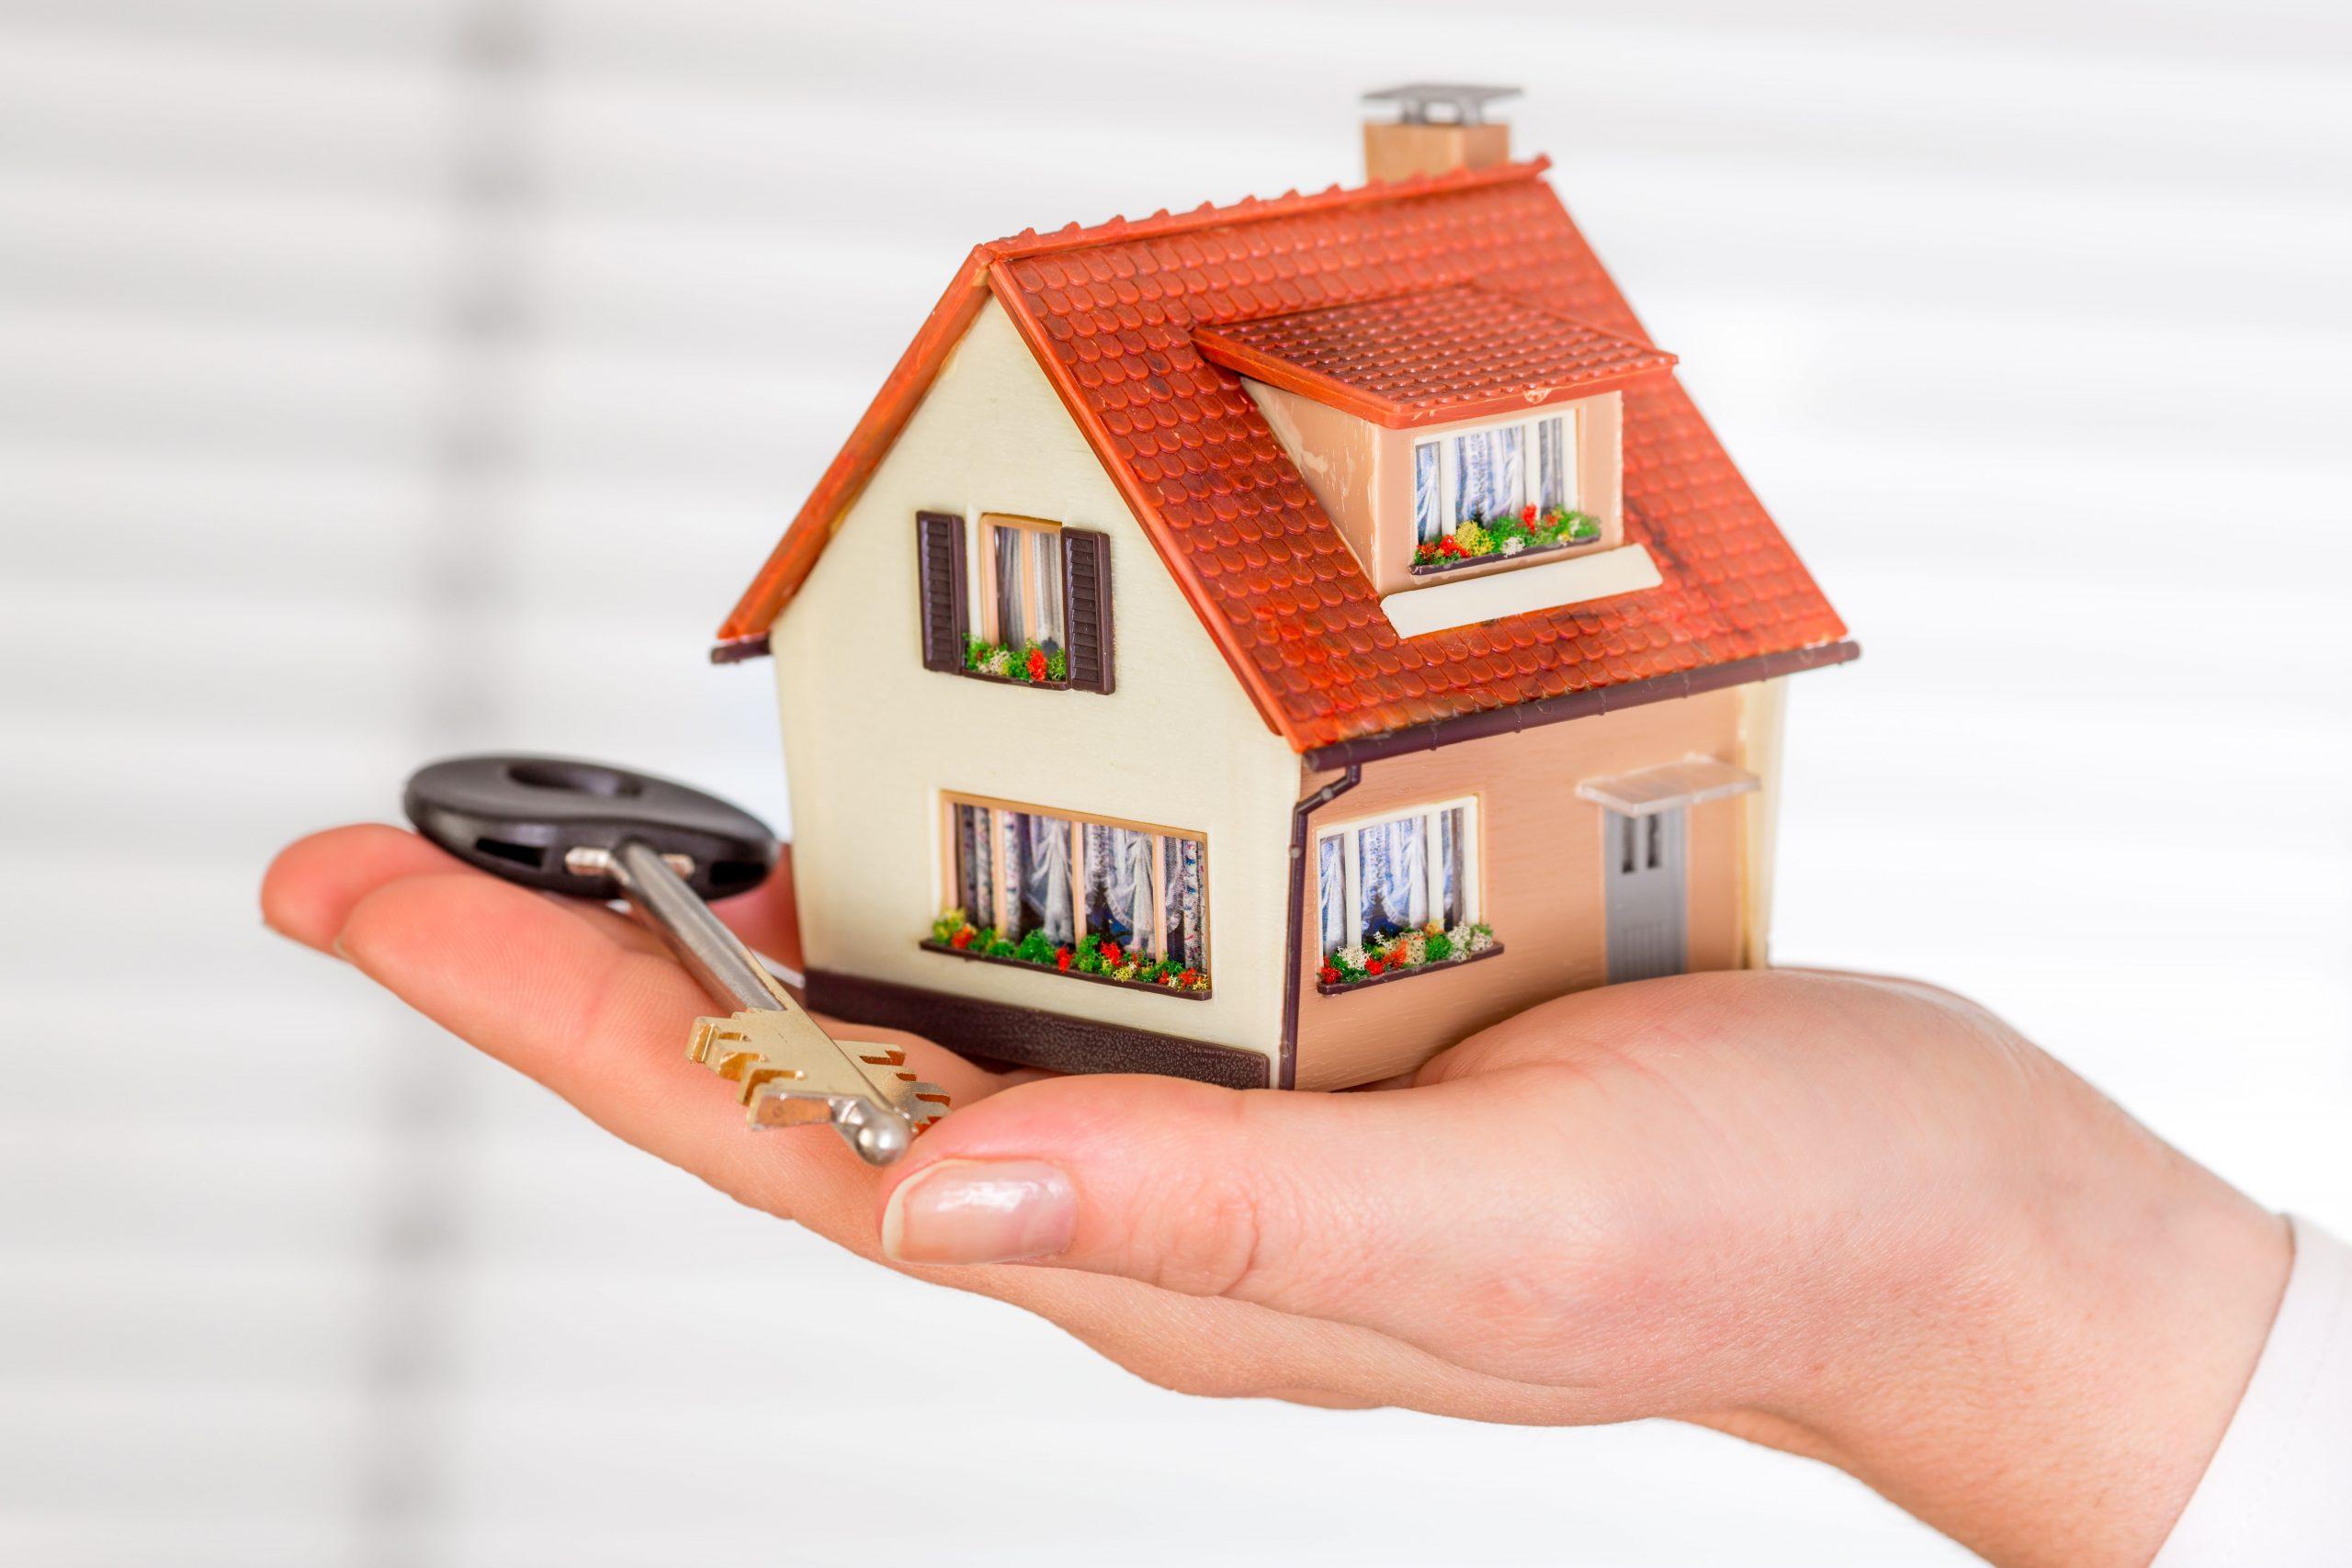 Чи має право скористатися податковою знижкою за іпотечним кредитуванням один із членів подружжя за вибором, коли об'єкт іпотеки знаходиться у спільній власності?